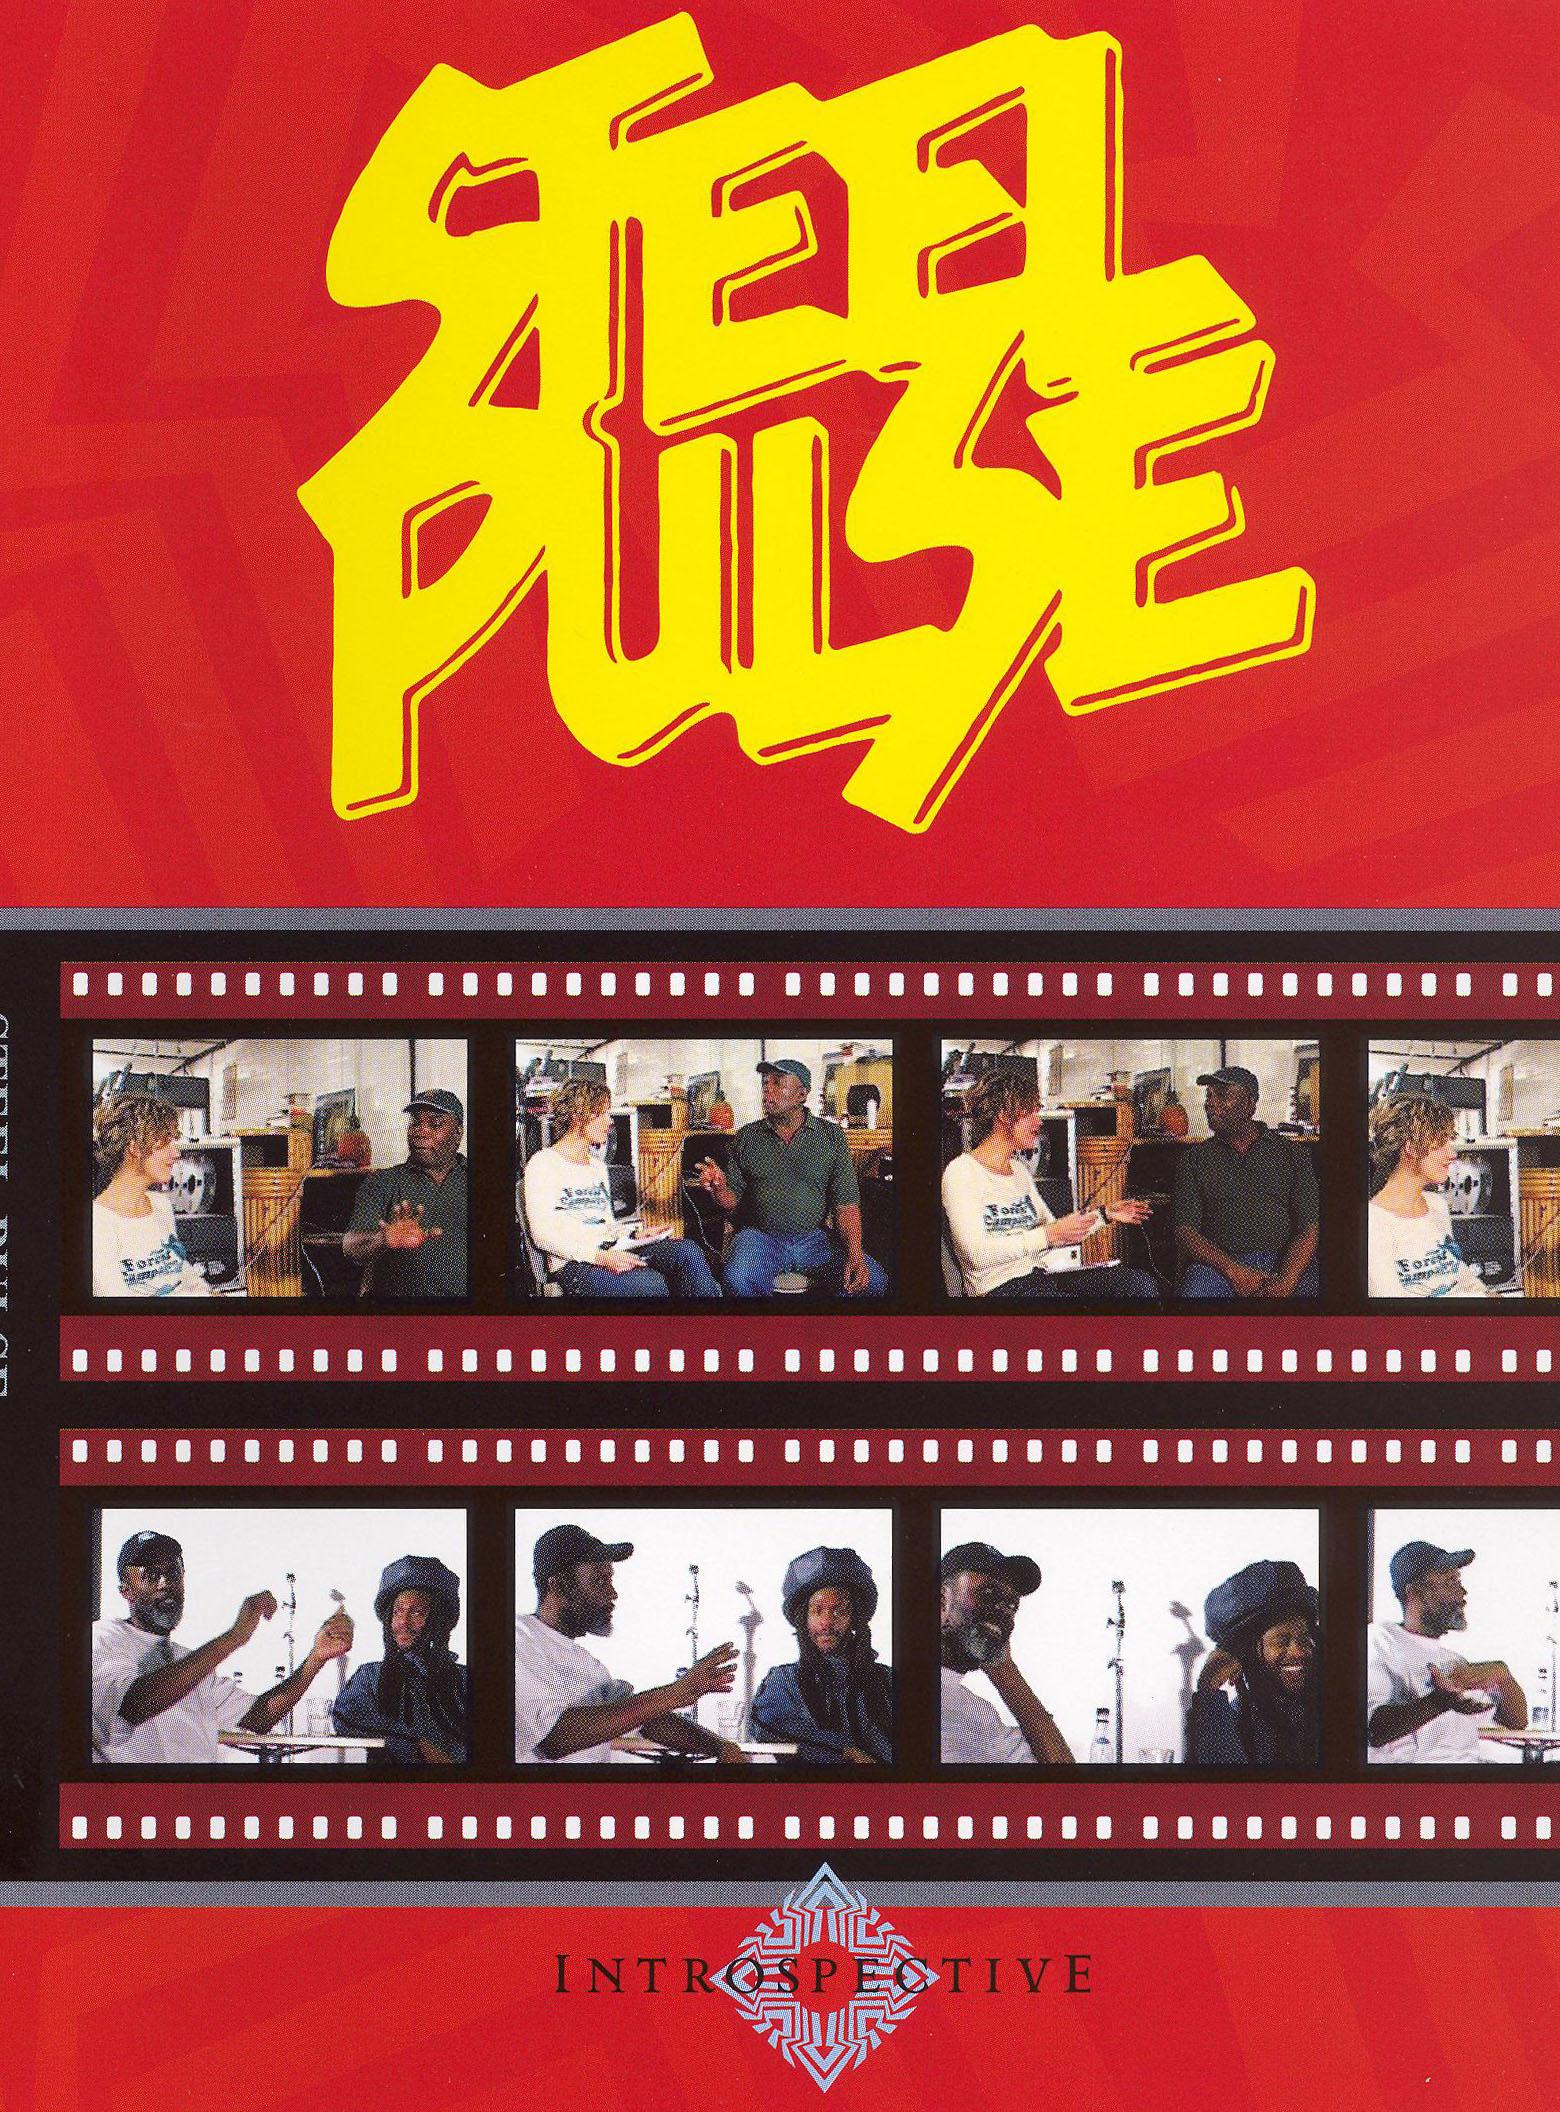 Steel Pulse: Introspective